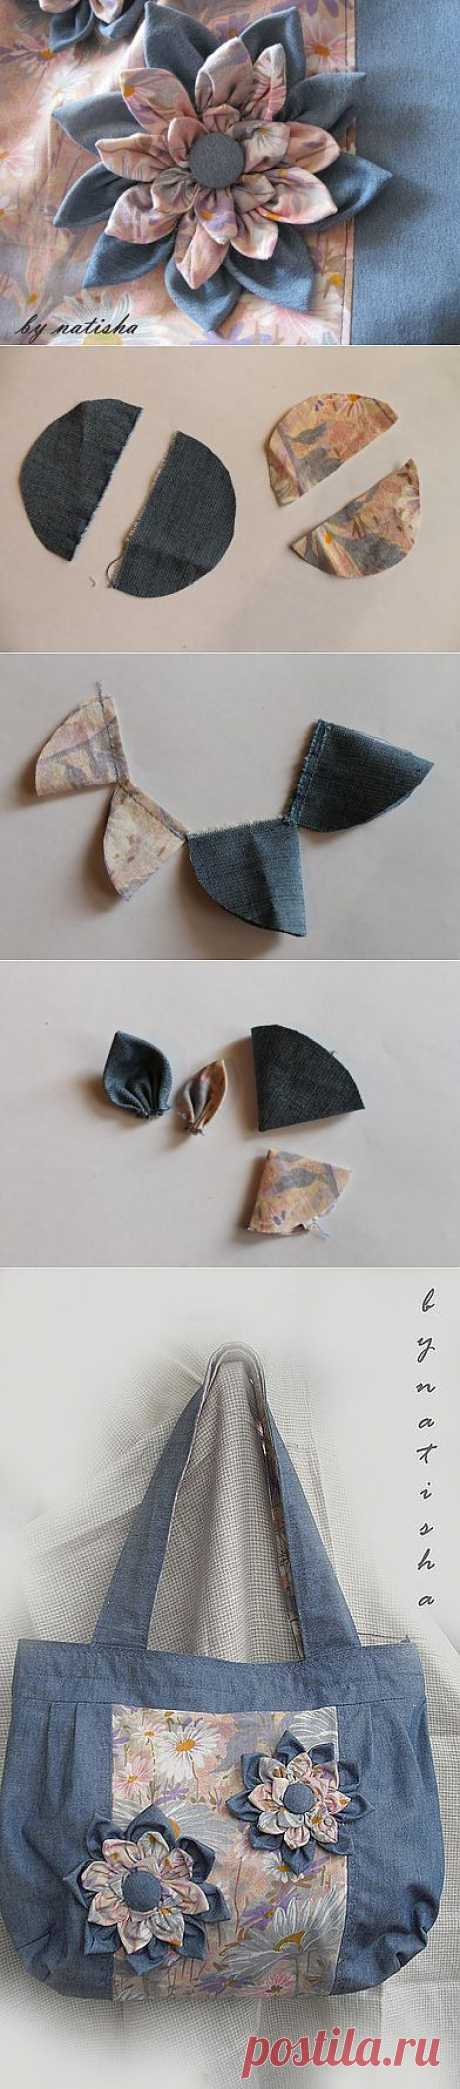 Для вдохновения, цитатник: Джинсовый цветок своими руками, для сумки или броши